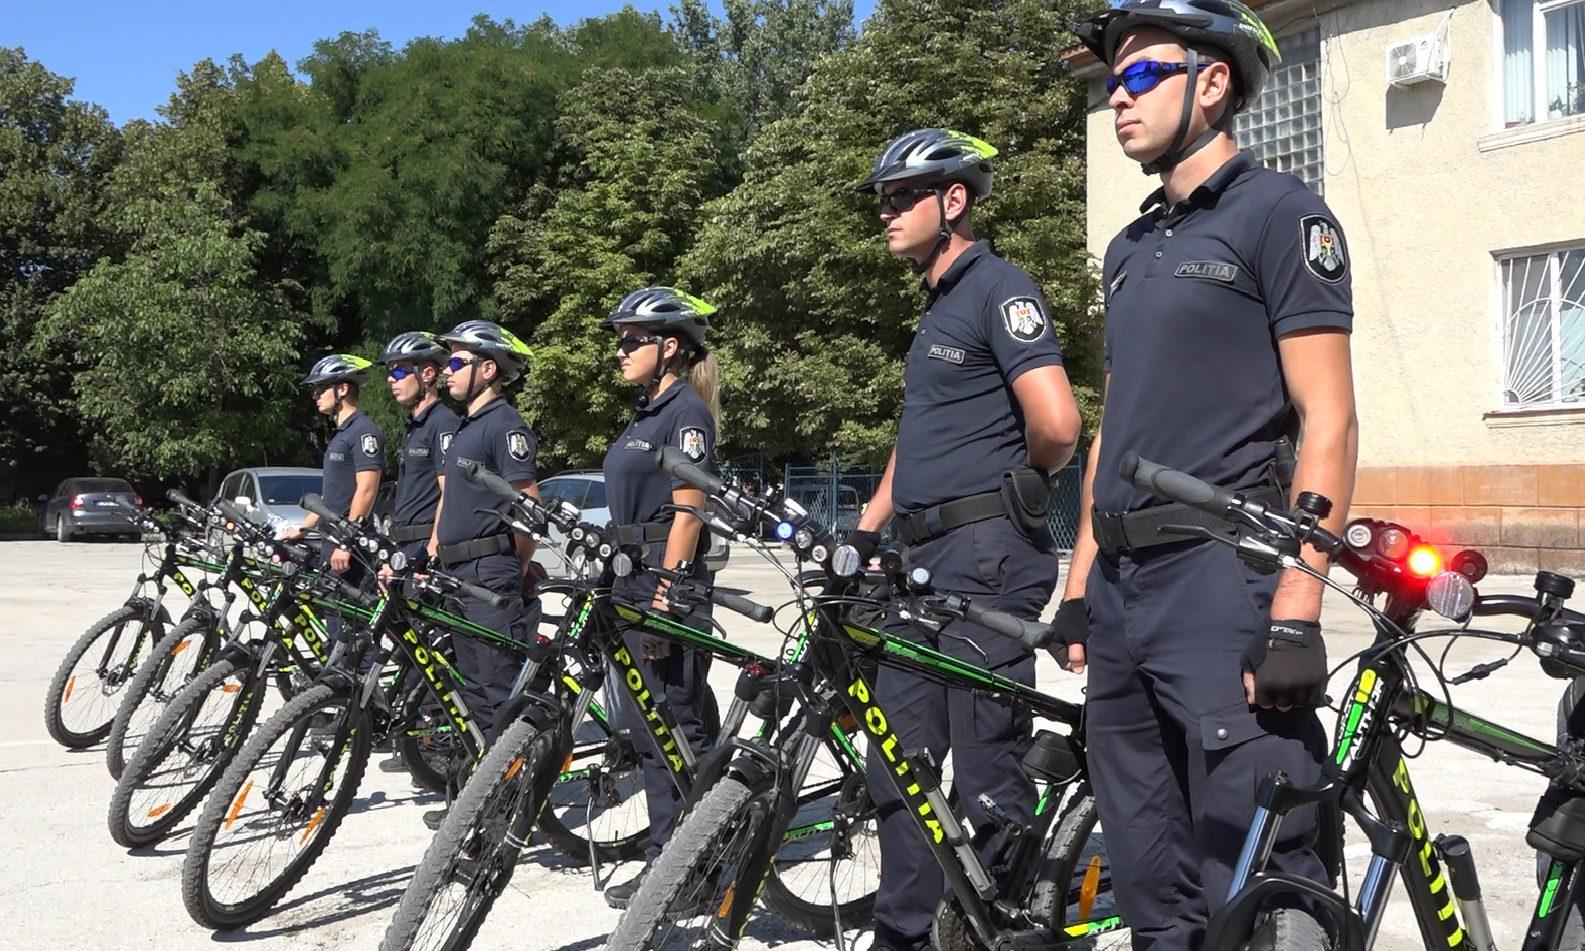 VIDEO | De aproape trei luni, zece polițiștii patrulează orașul Bălți pe biciclete